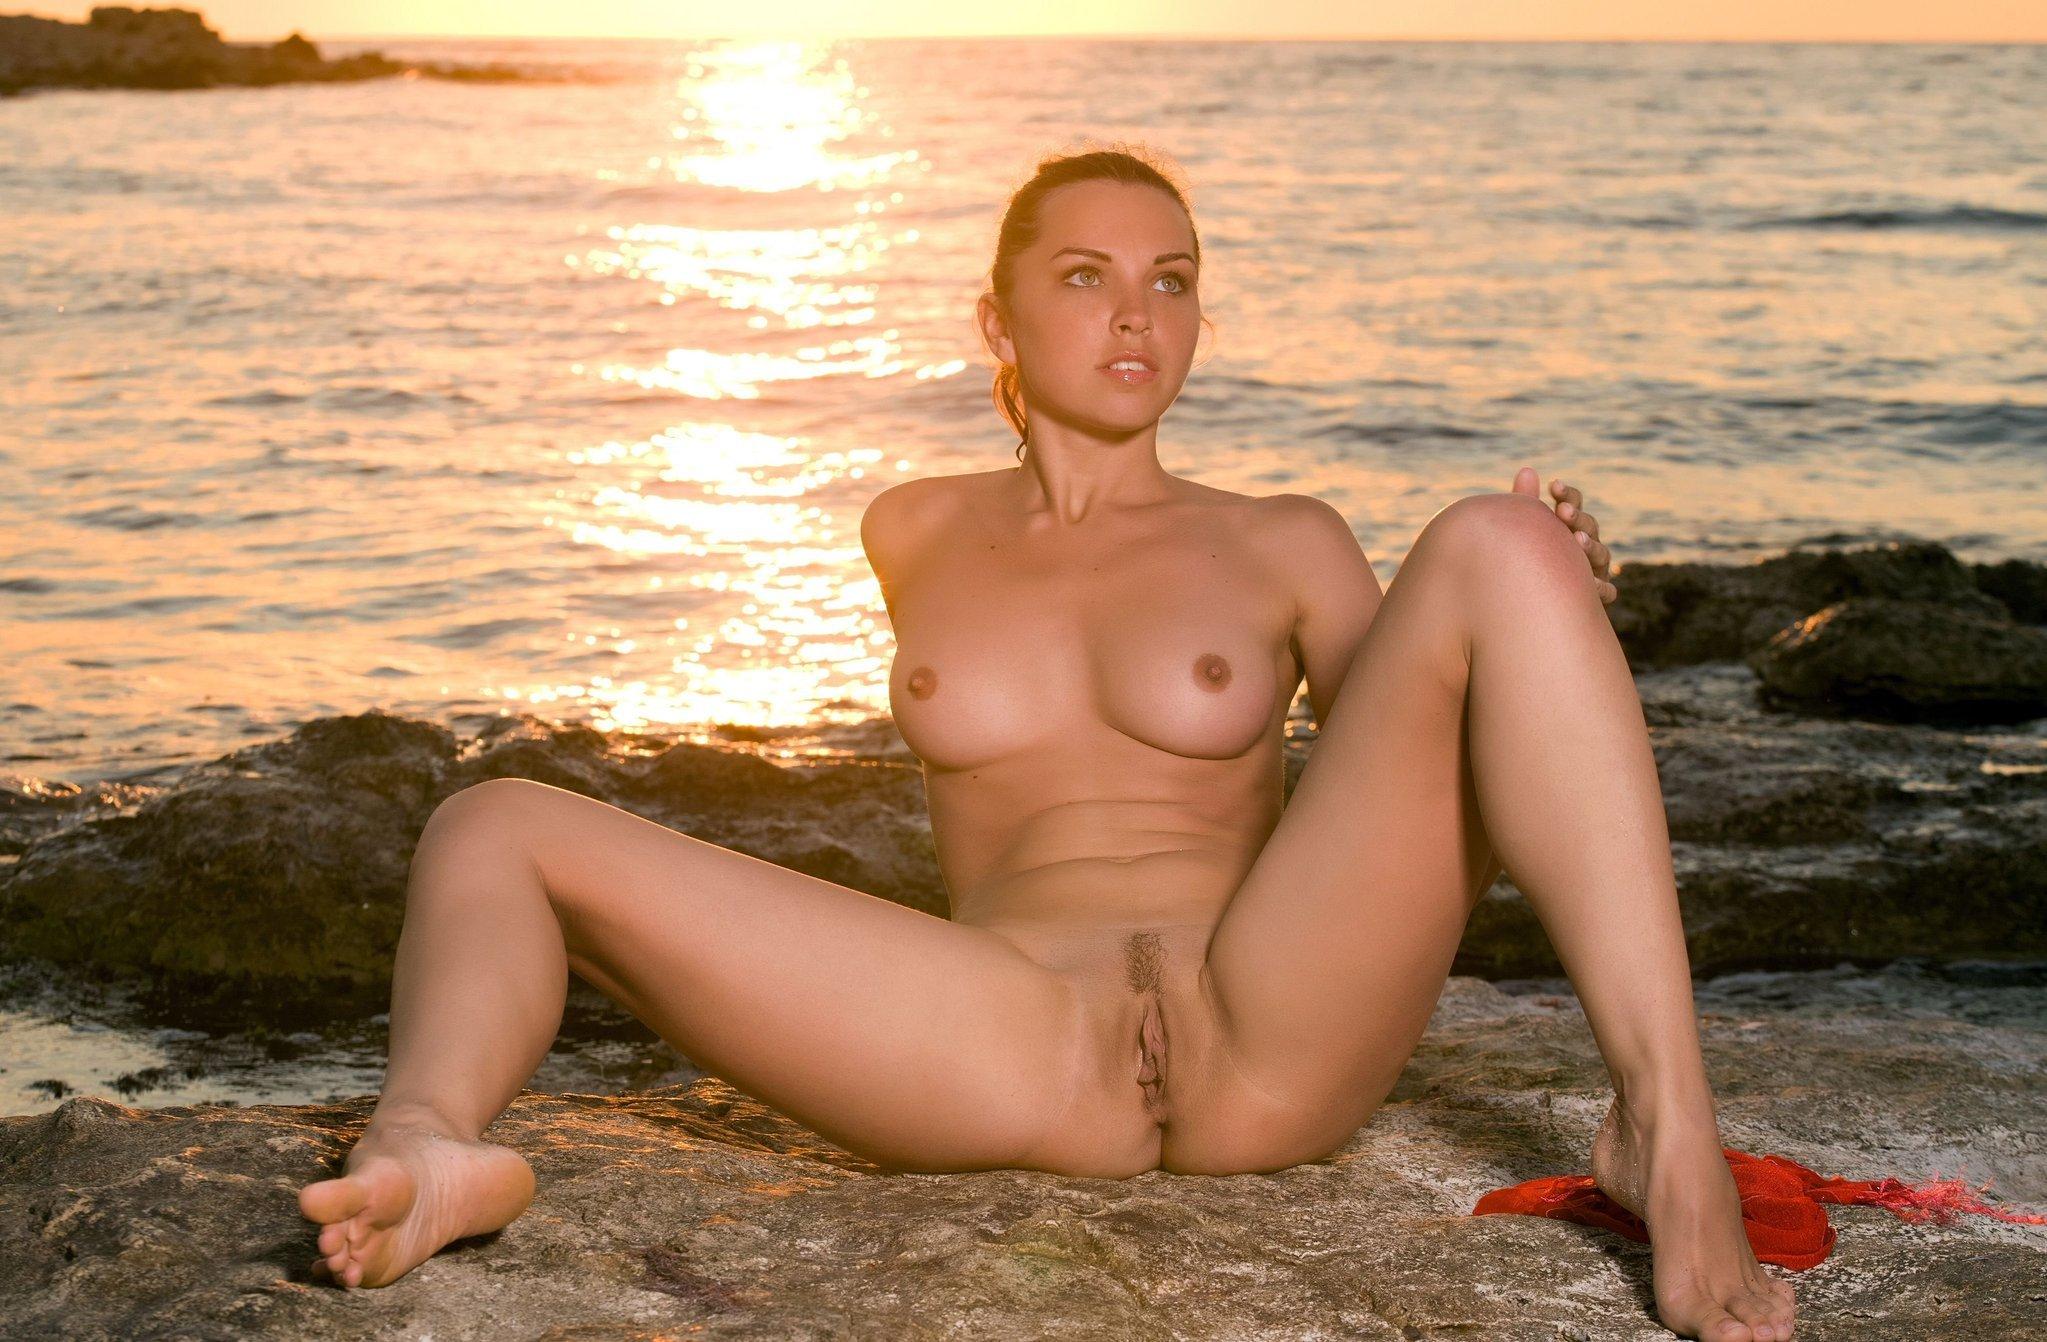 jeune femme nue a la plage